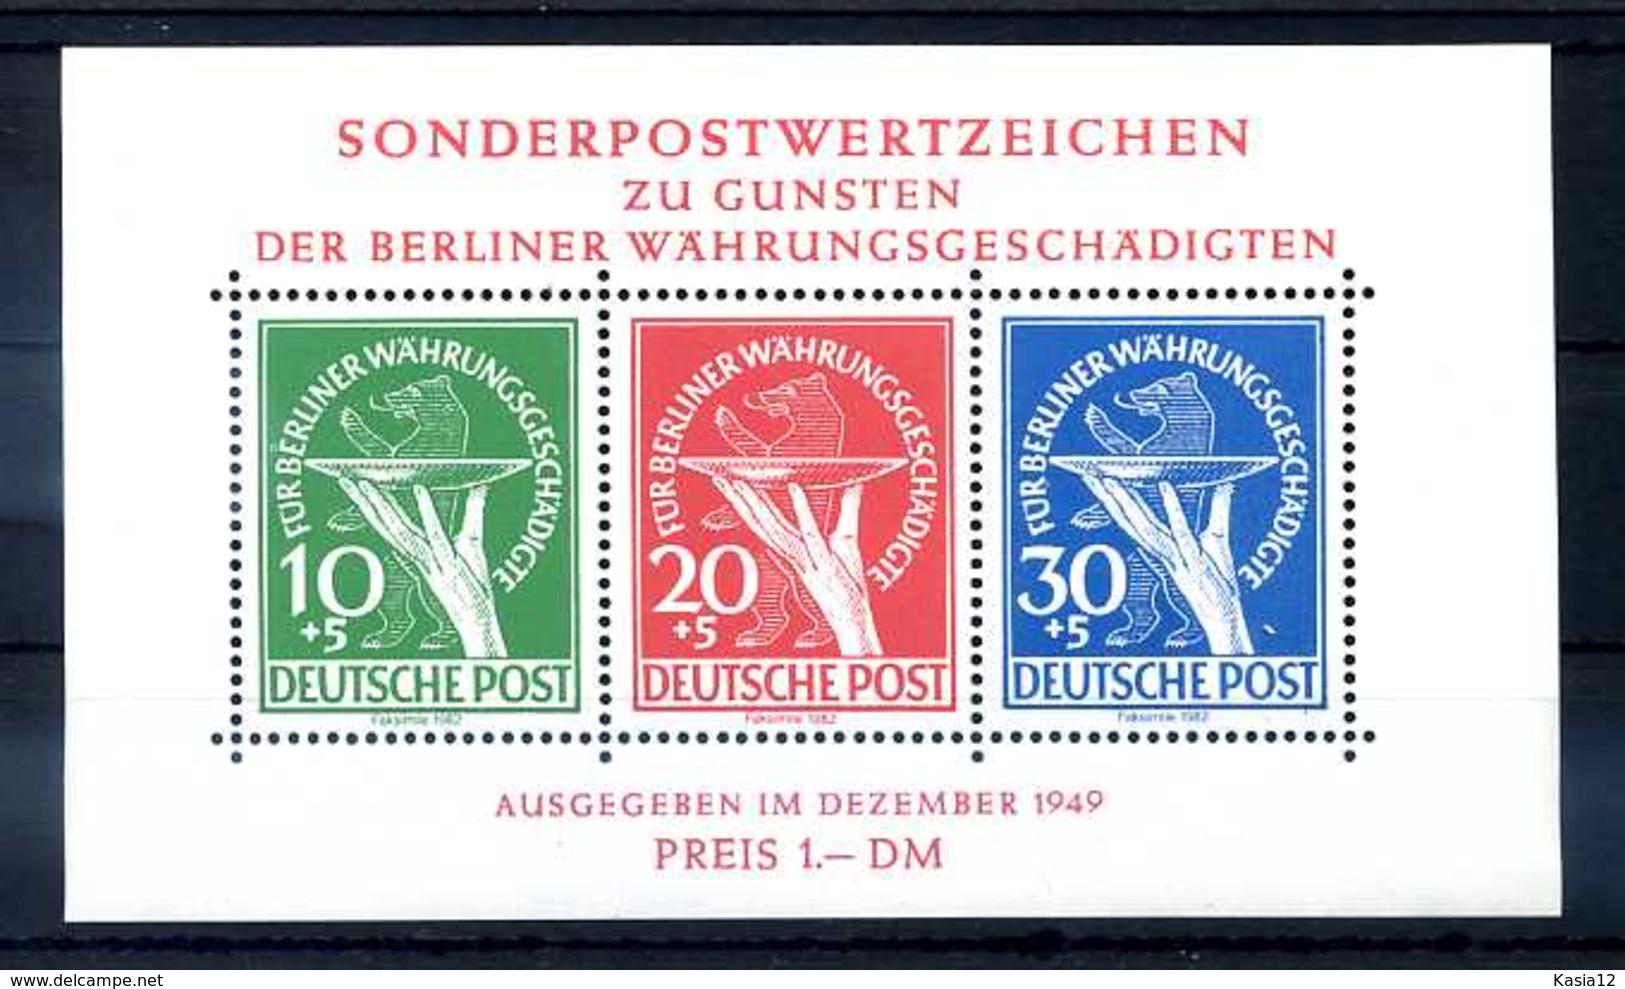 Z60255)Berlin Bl 1 Faksimilie 1982 - Berlin (West)